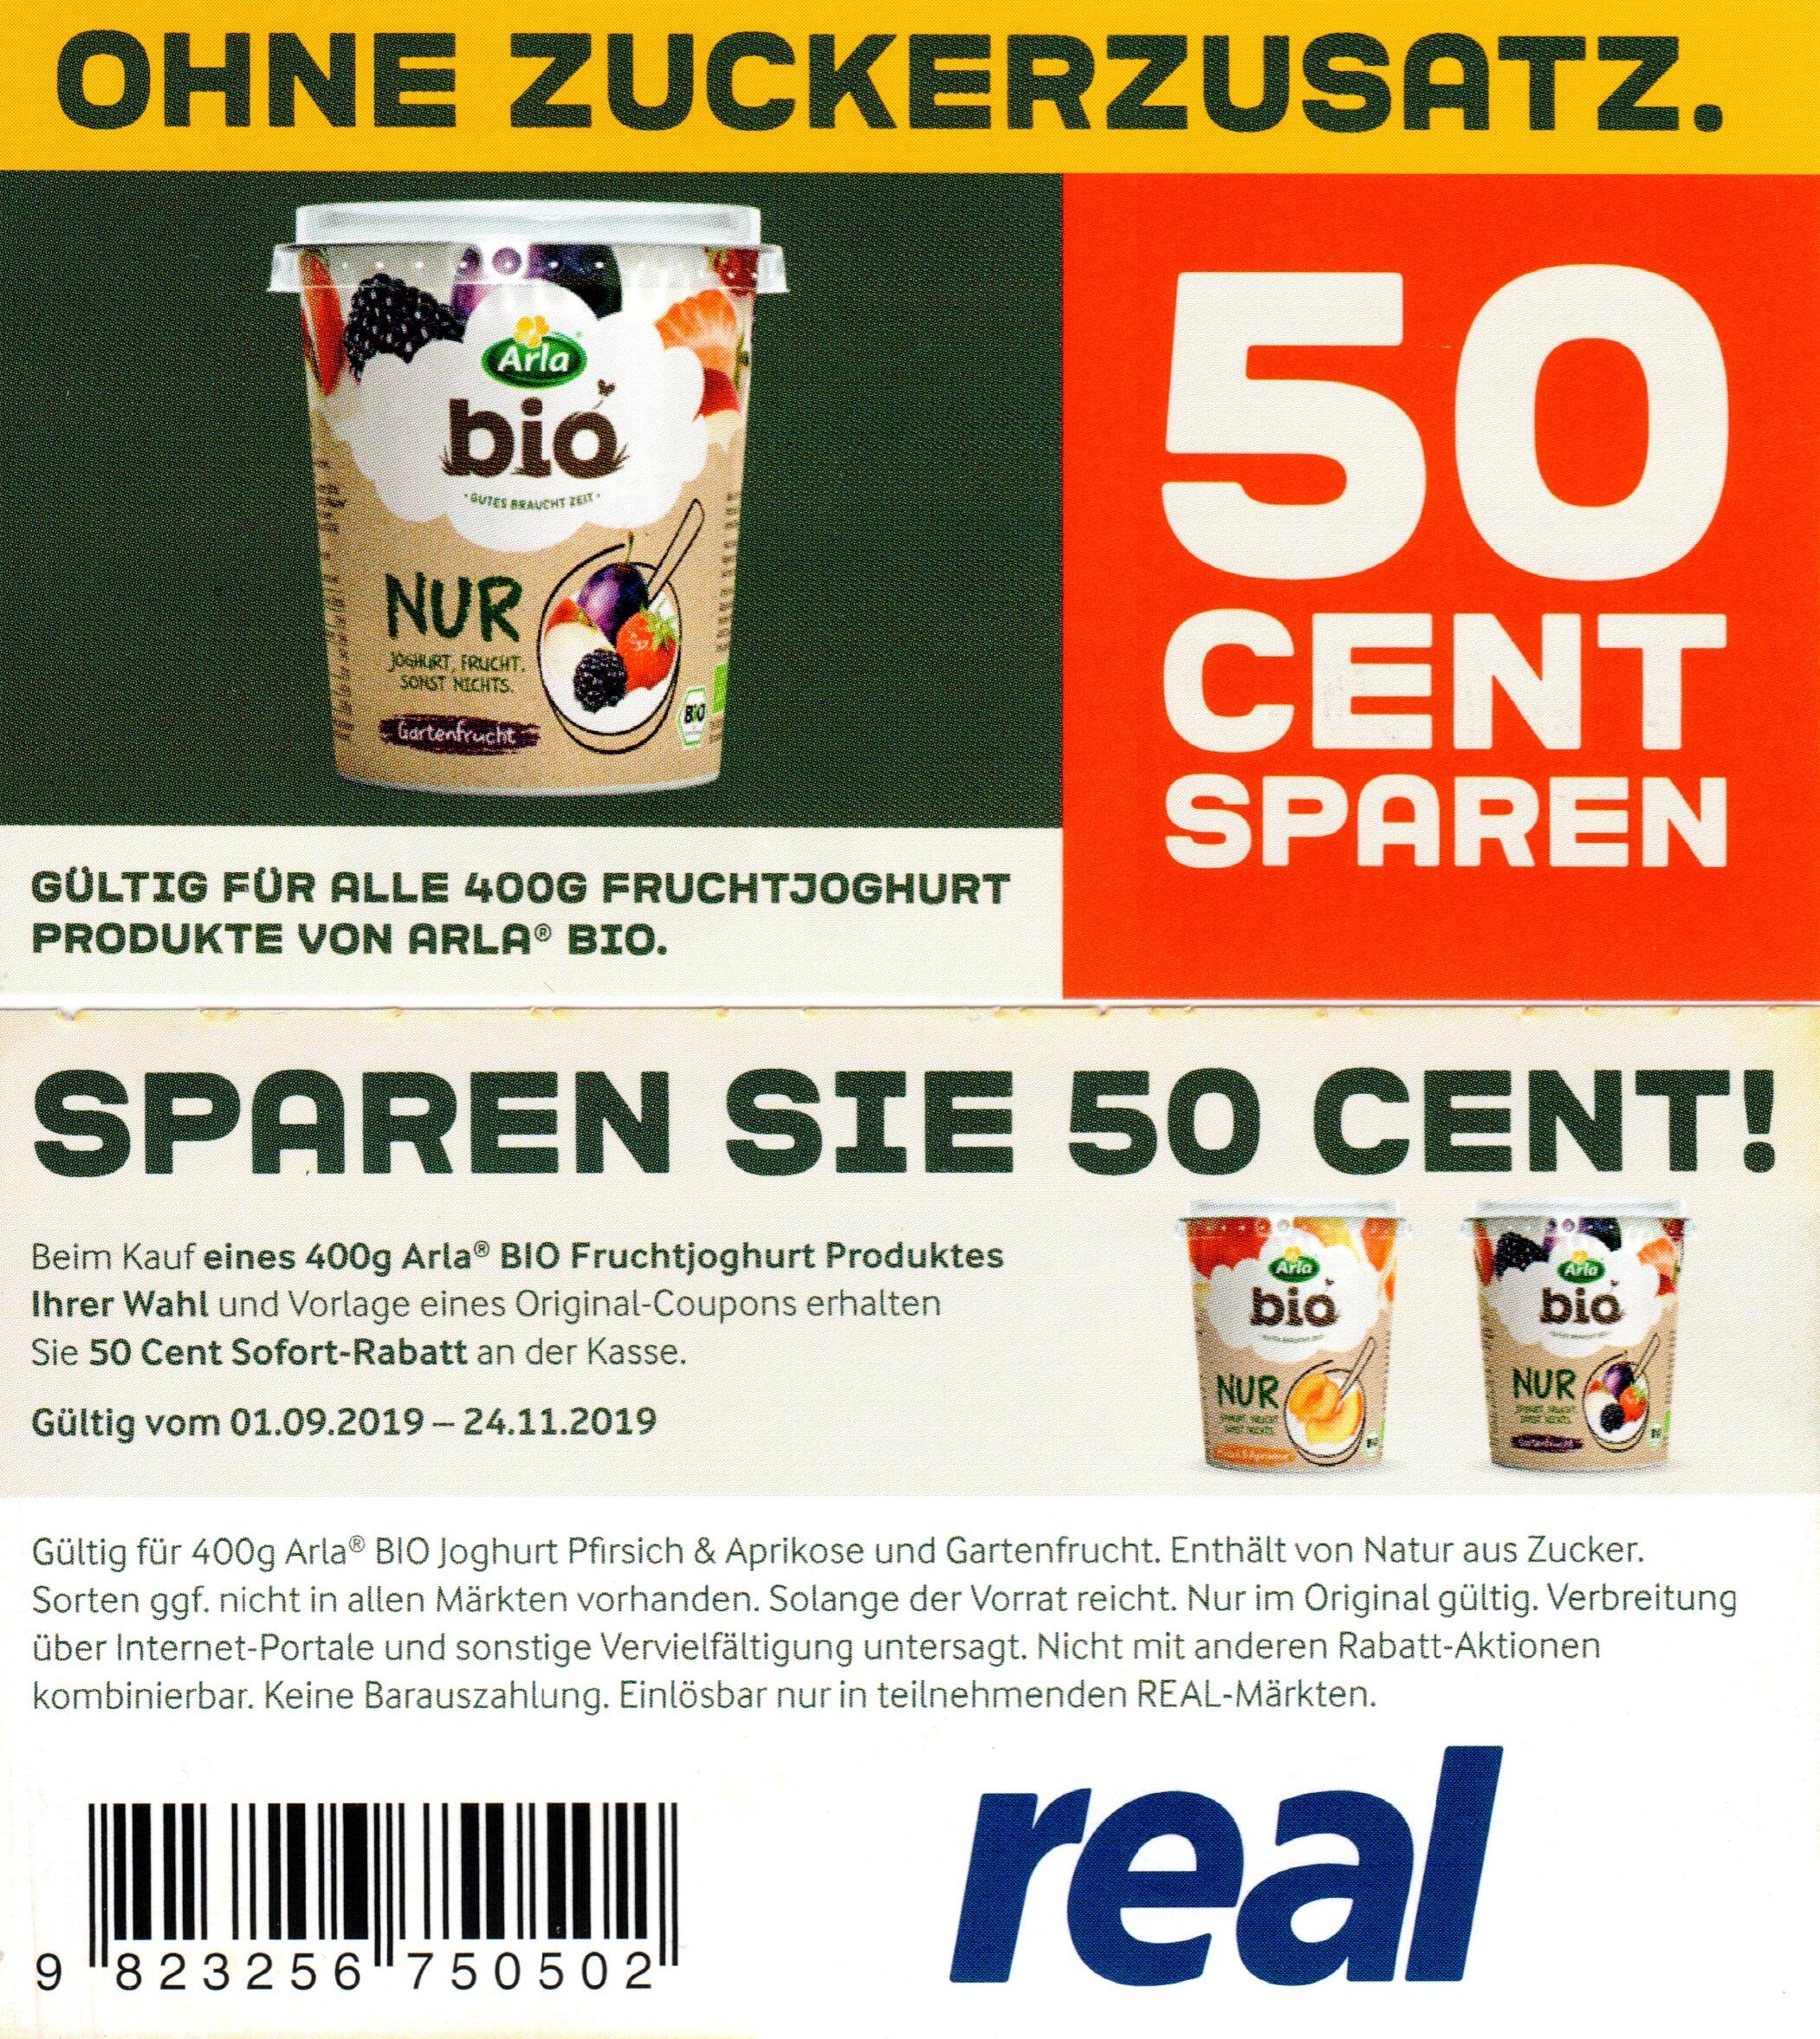 0,50€ Rabatt Coupon für Arla Bio Fruchtjoghurt 400g bis 24.11.2019 [REAL]